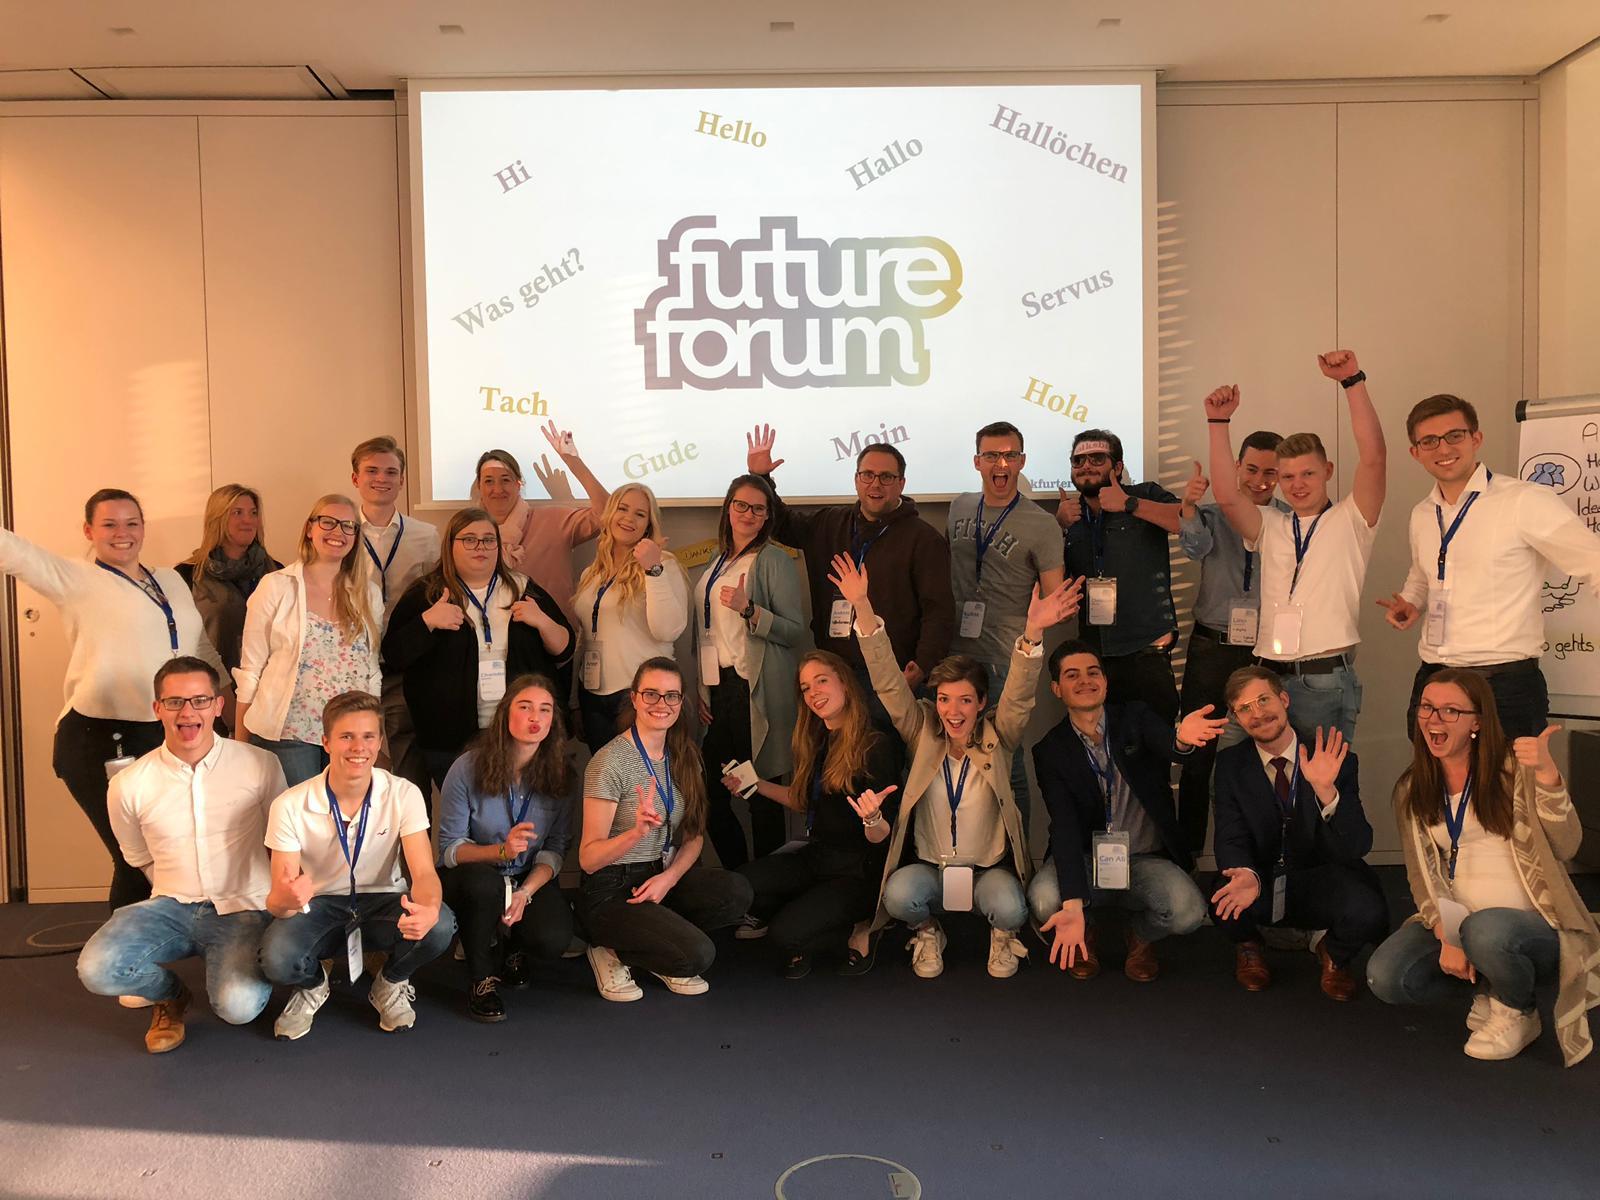 Am 23.05.2019 startet die Frankfurter Volksbank mit ihrem FutureForum.